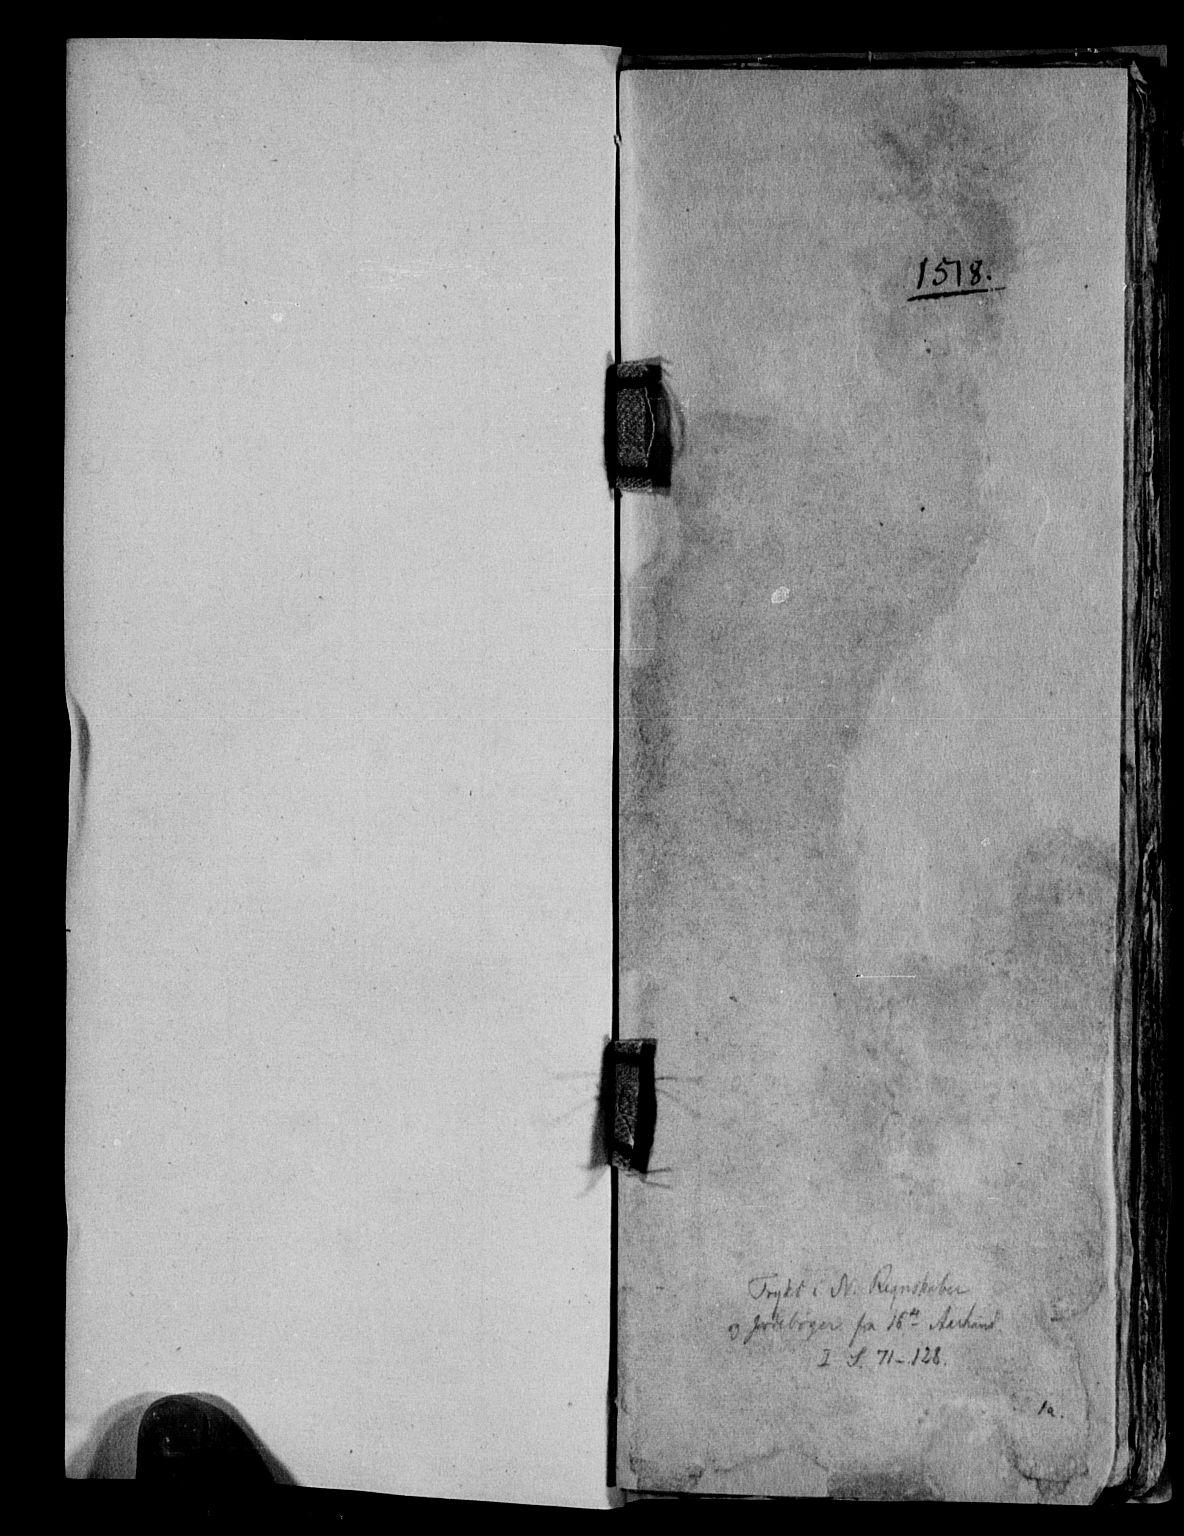 RA, Rentekammeret inntil 1814, Reviderte regnskaper, Lensregnskaper, R/Ra/L0005: Bergenhus len, 1516-1519